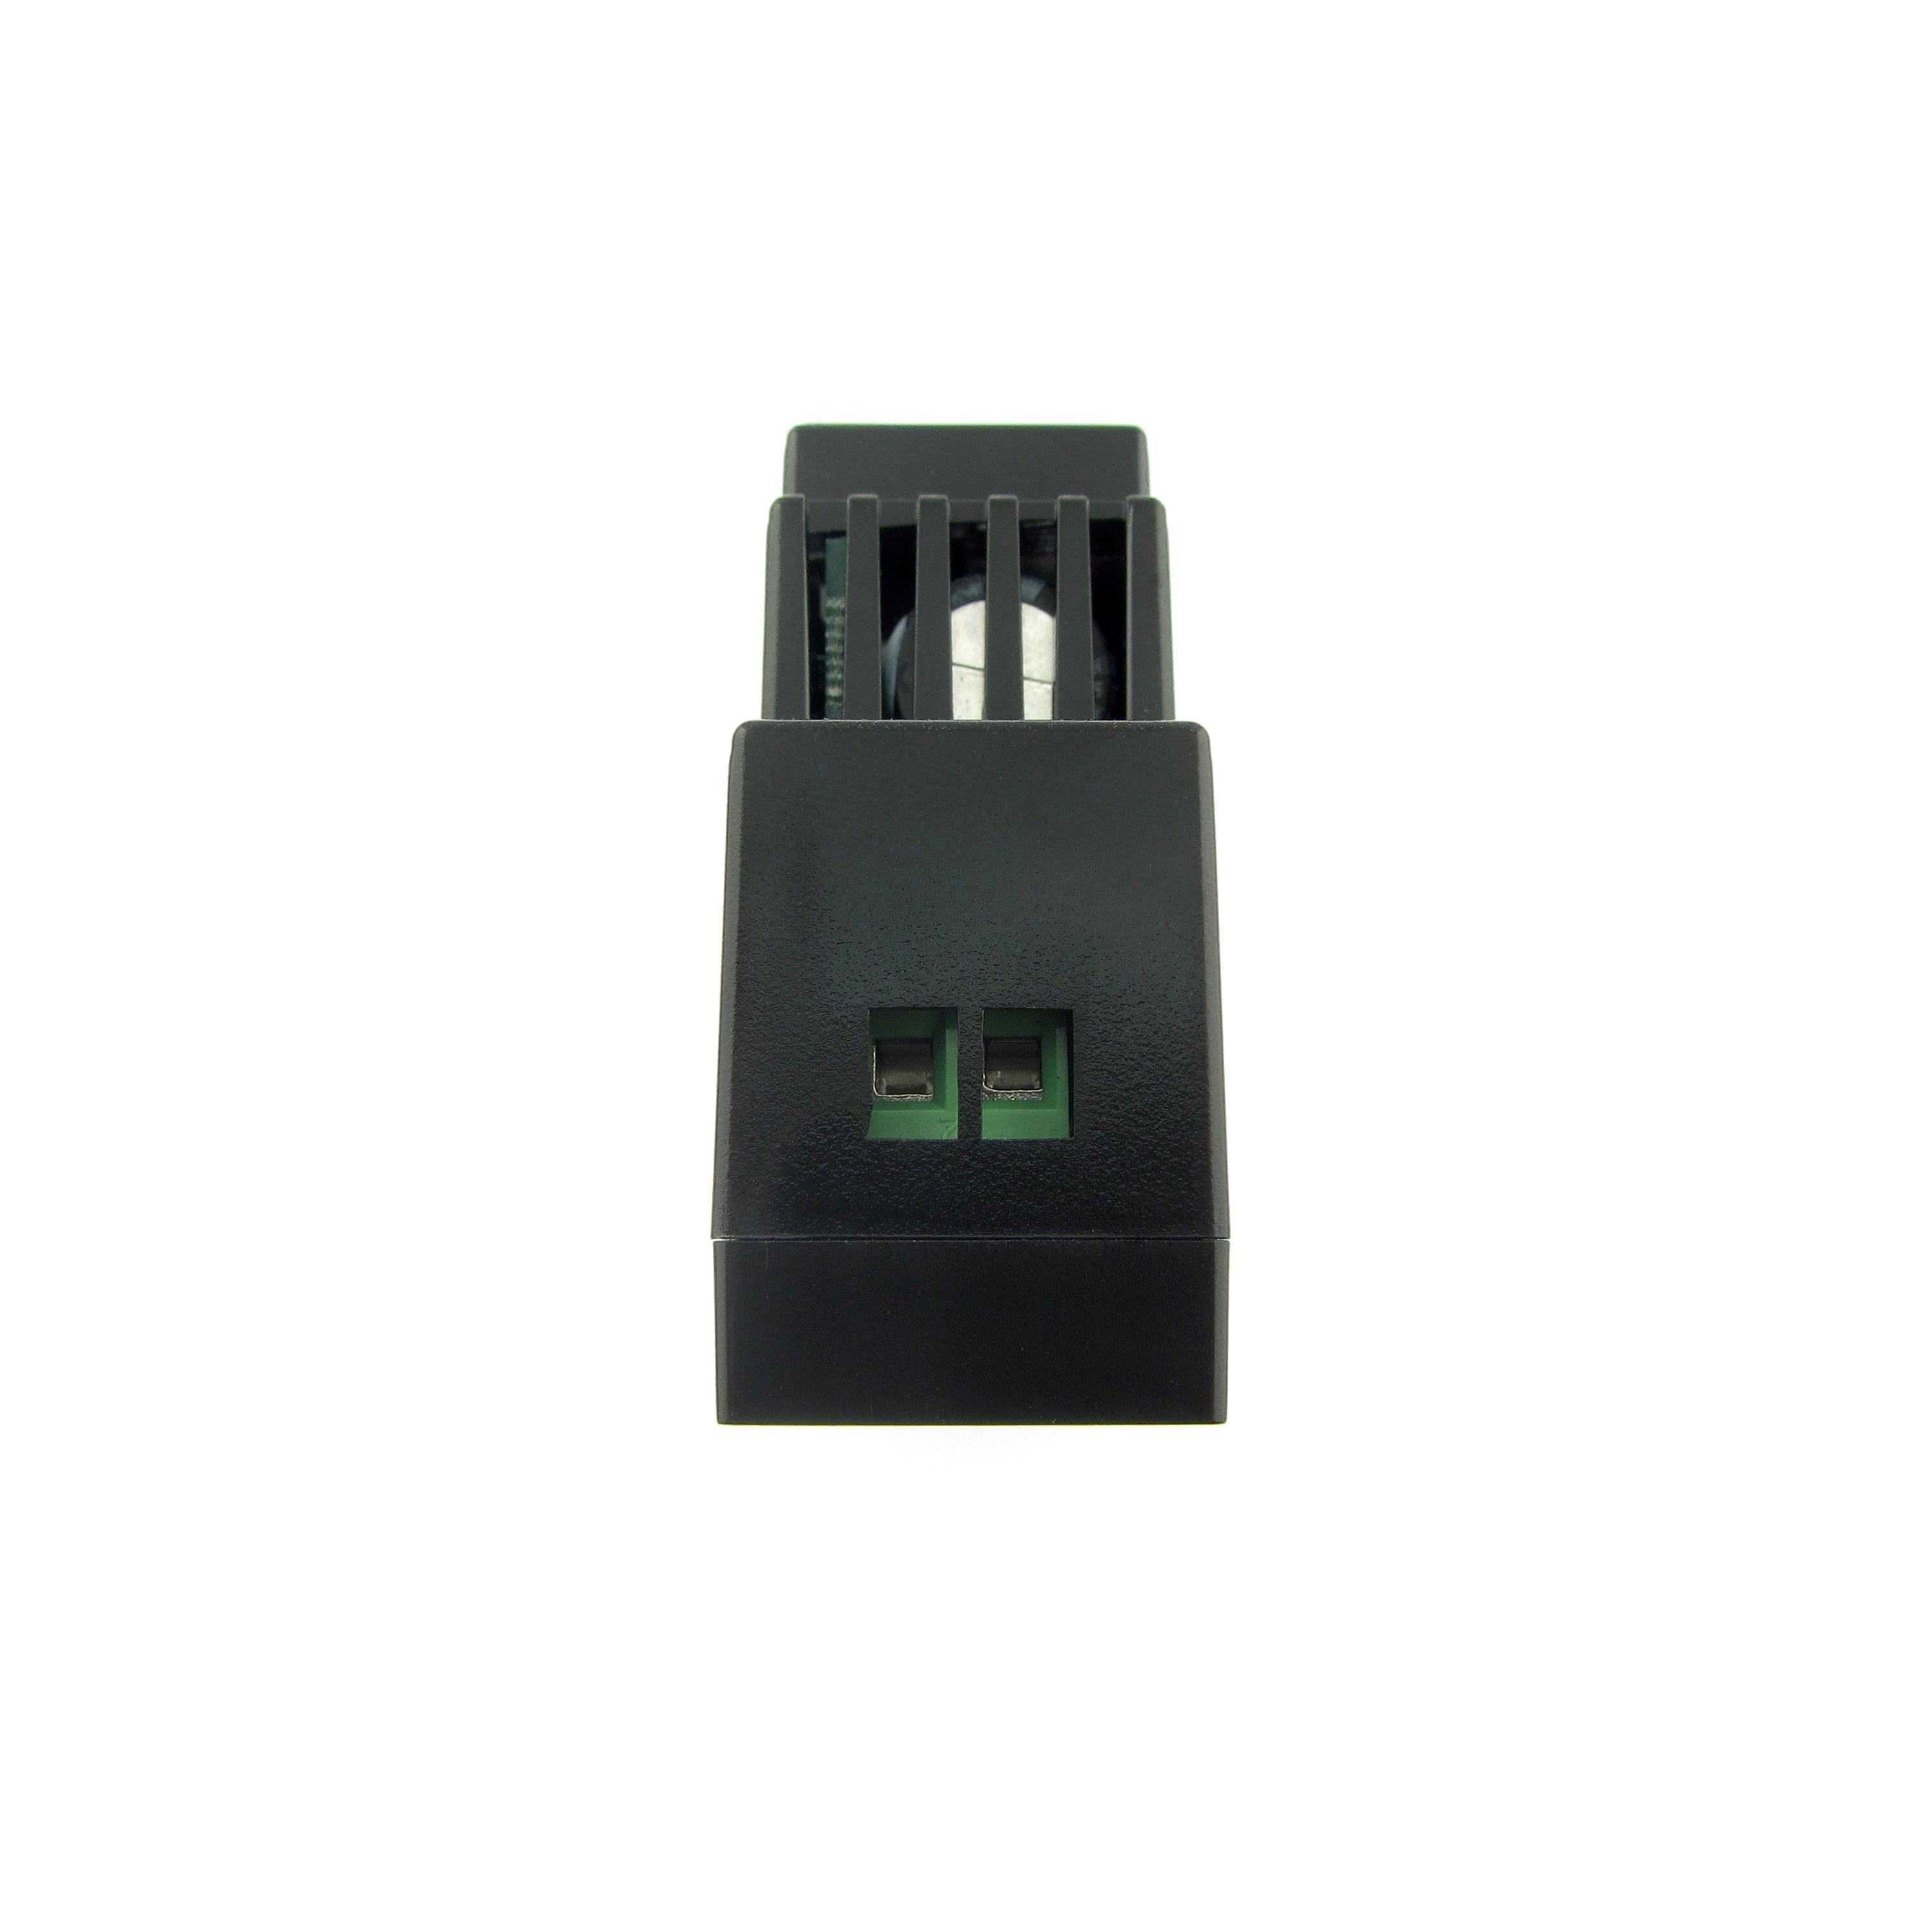 elfex Hutschienen-Netzteil 10W, 12-15V DC einstellbar, EFX010-GP12V